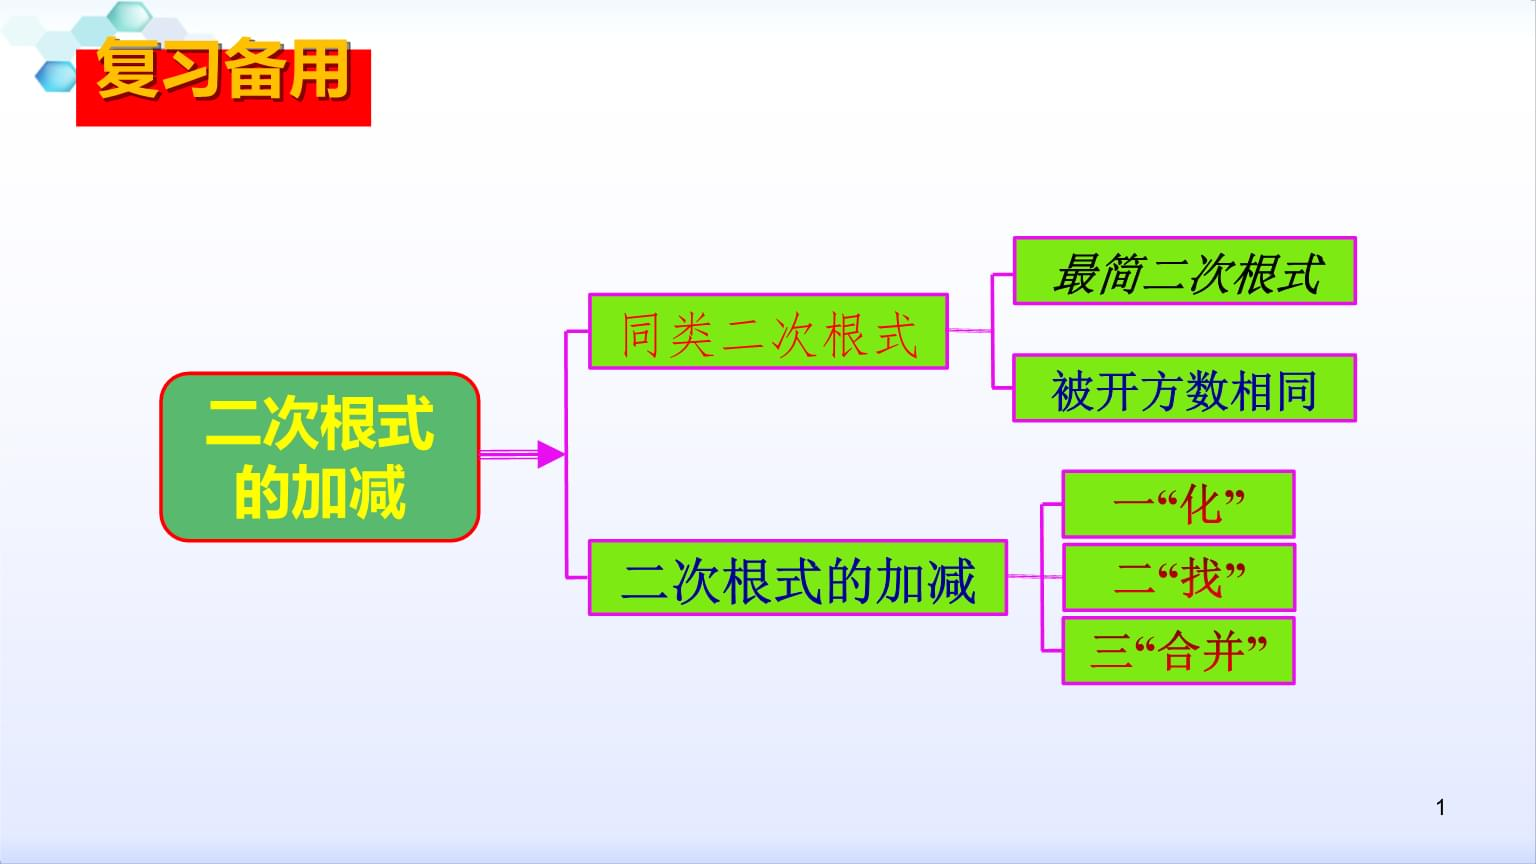 思维导图先乘方,开方,再乘除运算顺序有括号先算括号里面的二次根式的图片